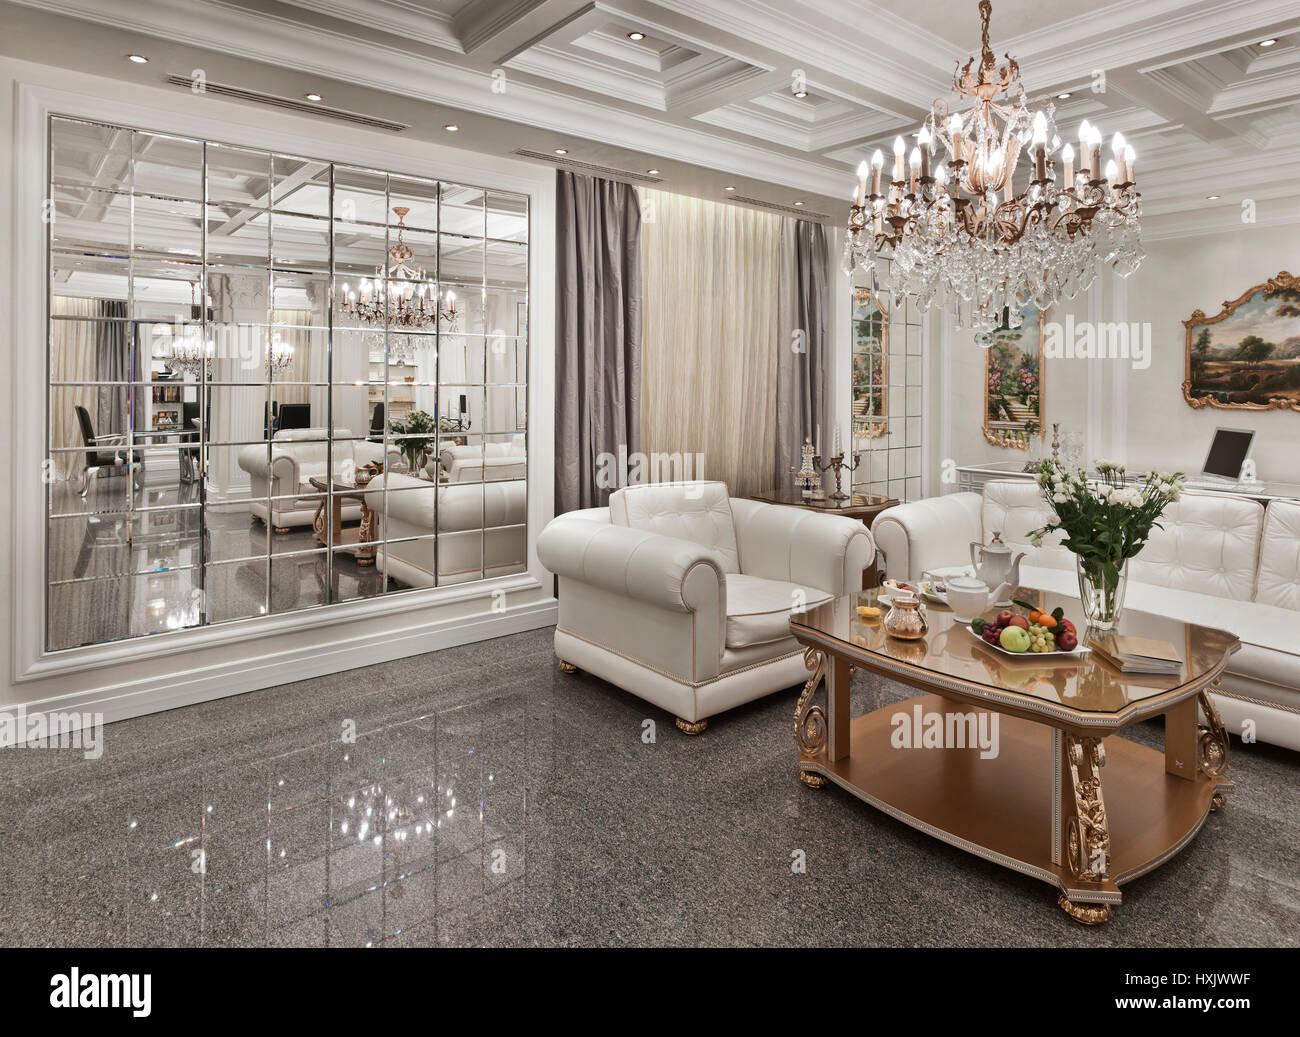 Showroom Luxus Interieur in Moskau im klassischen Stil mit einem ...